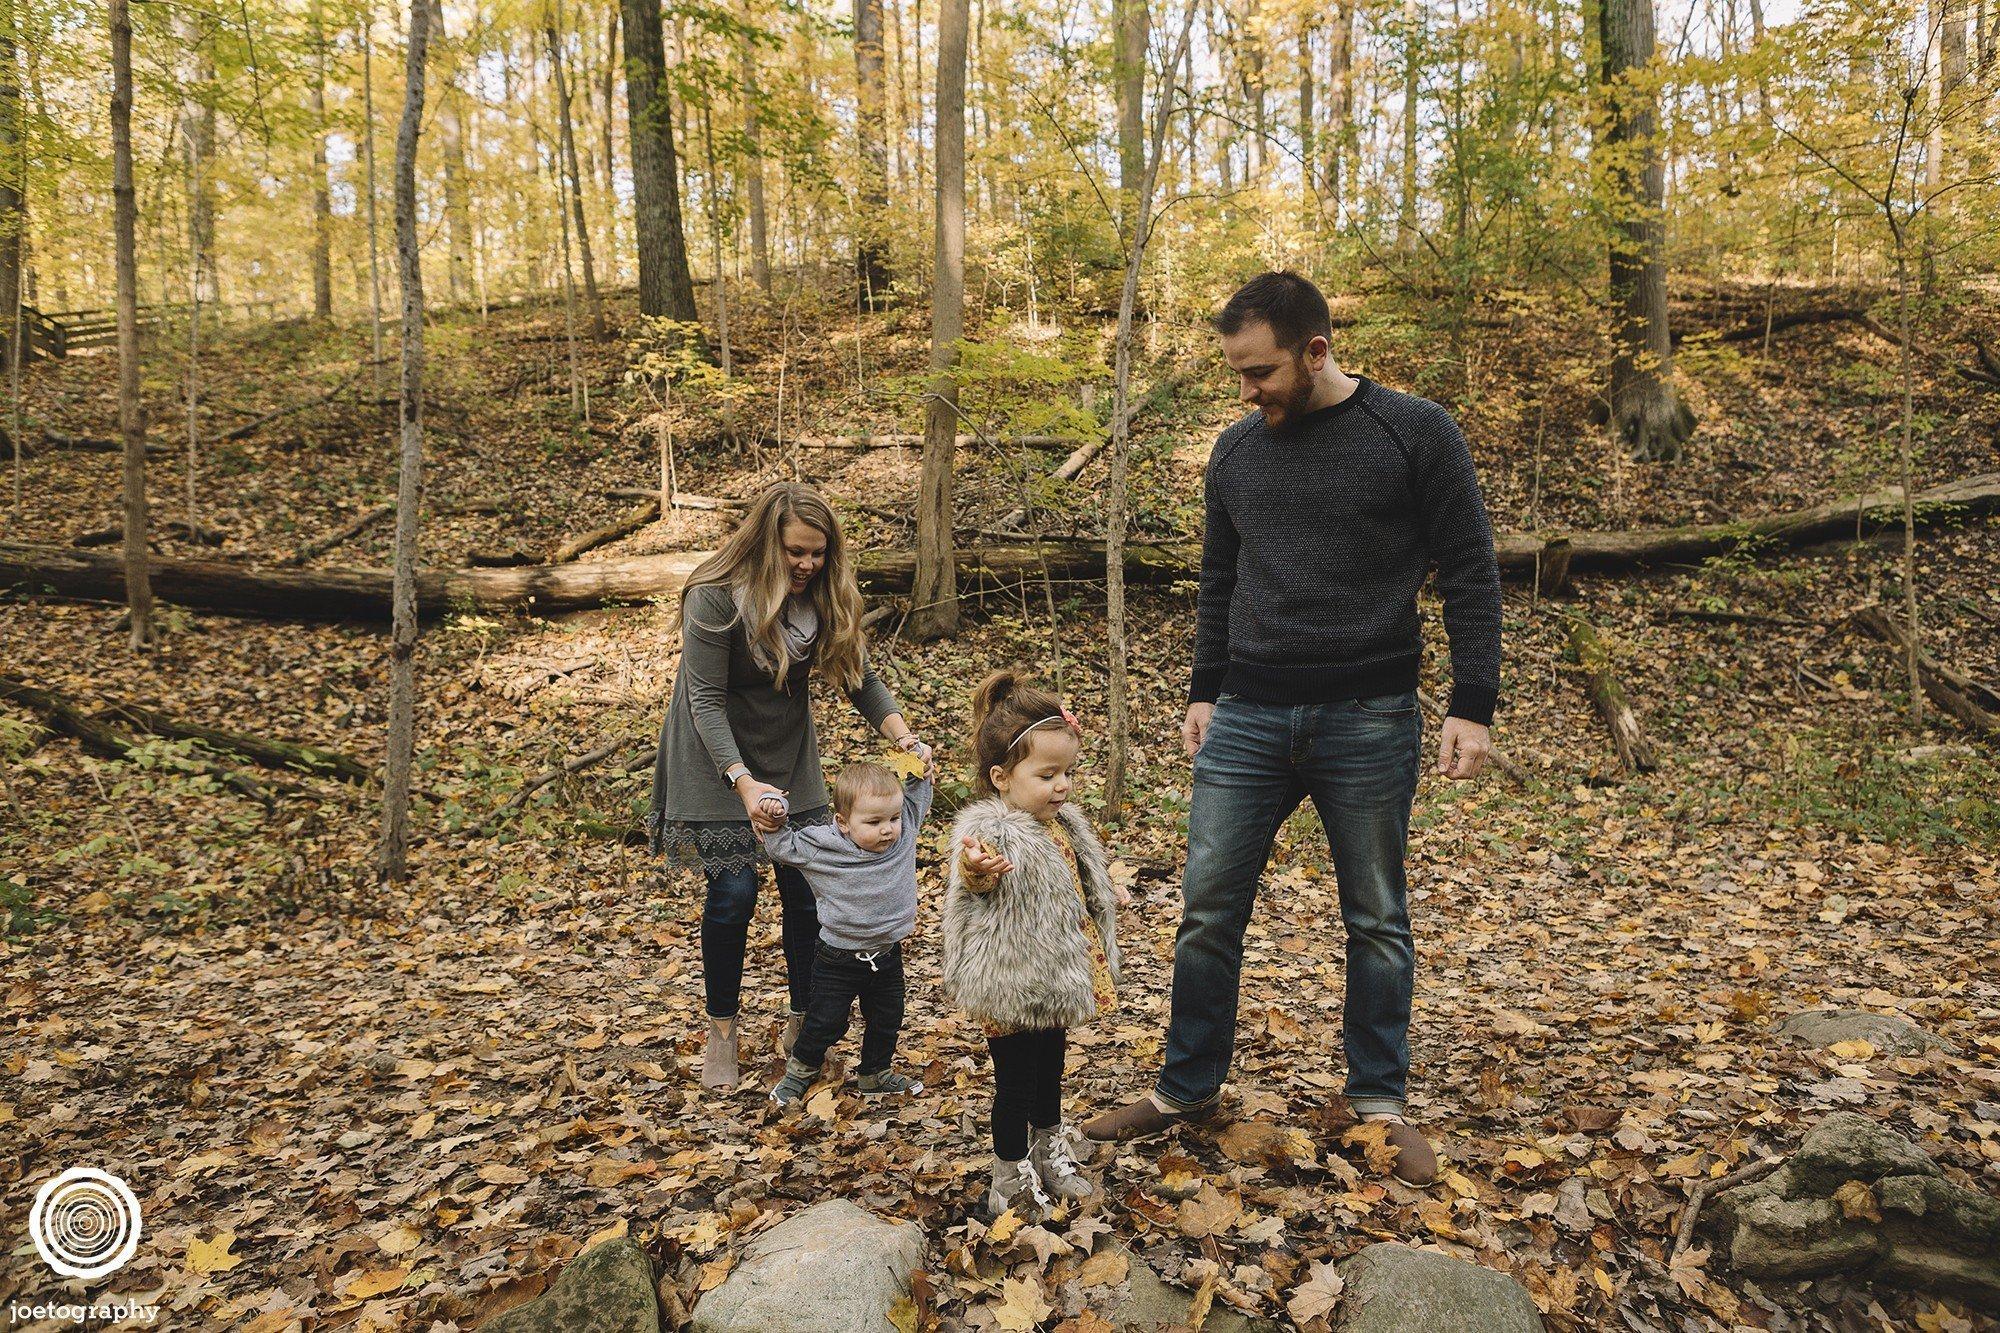 Ruetz Family Photo Session   Holliday Park - 3